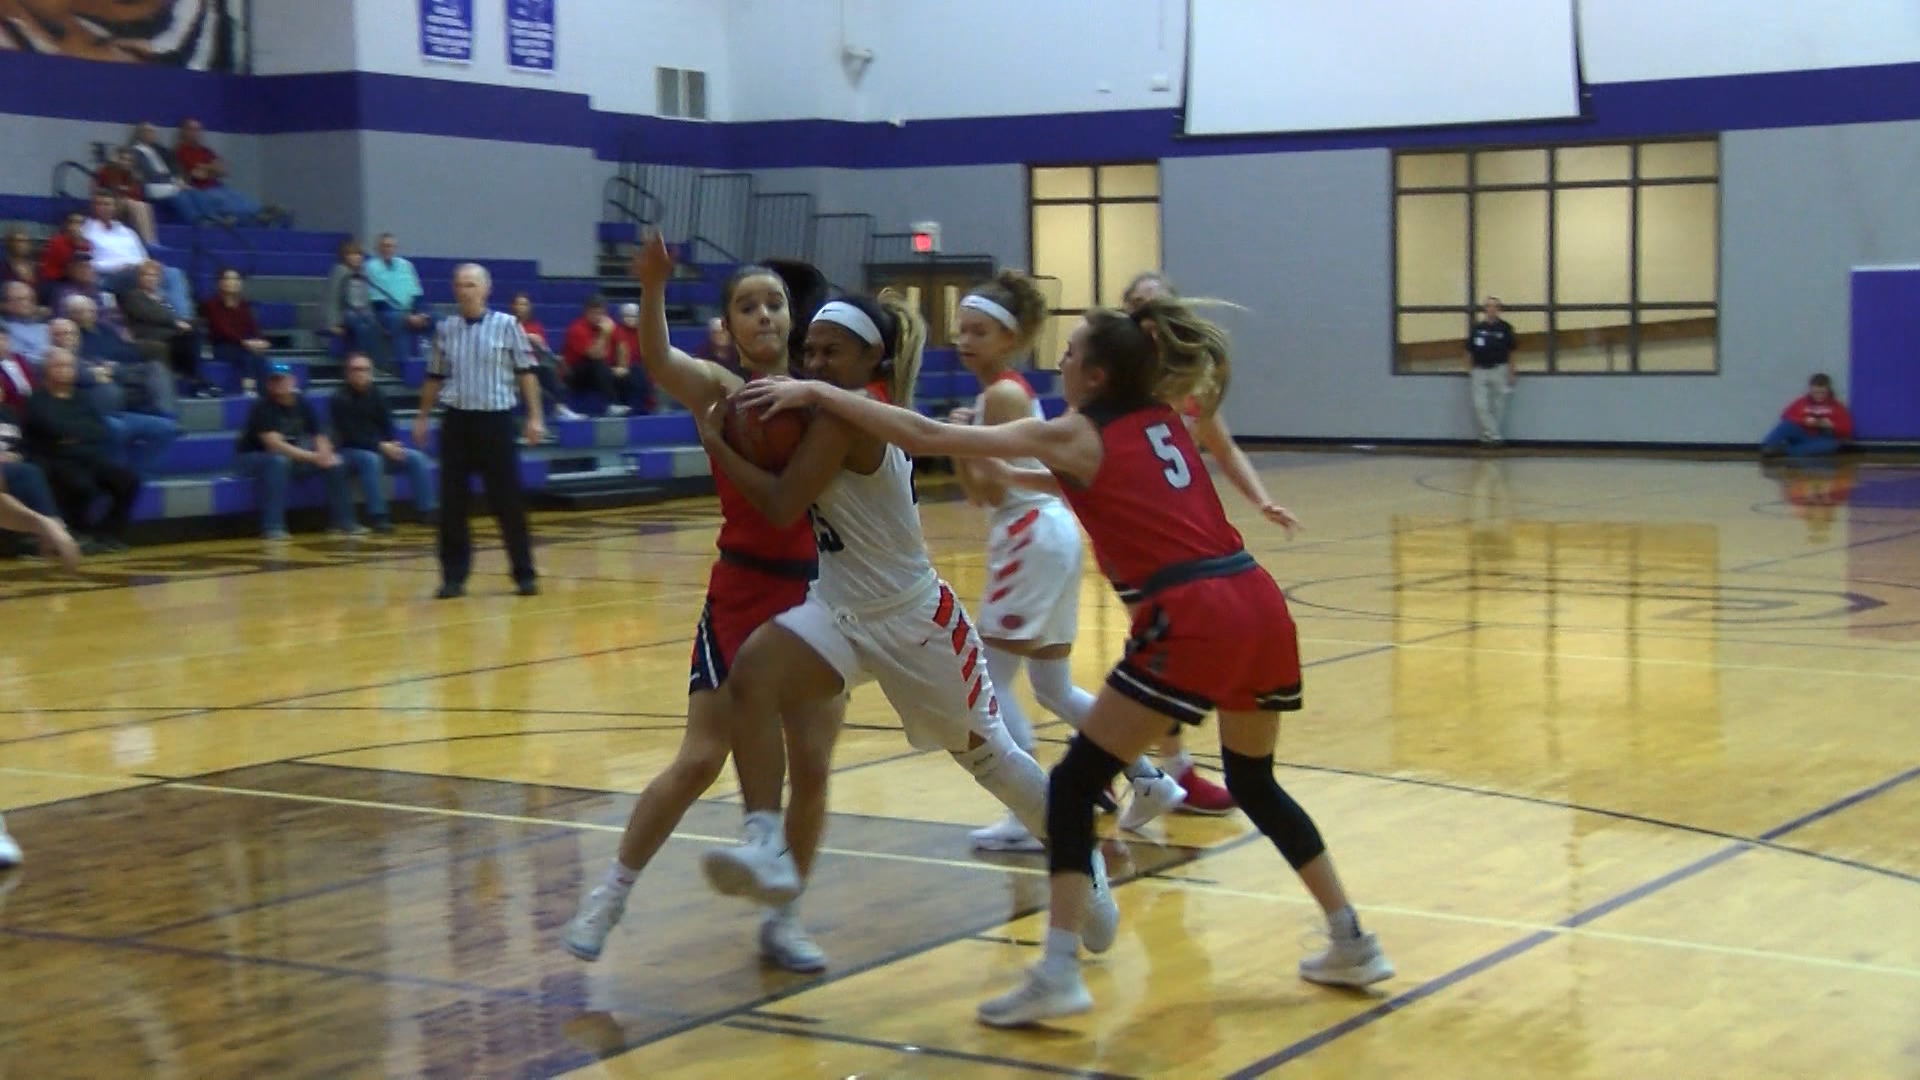 Burkburnett Basketball_1550202625530.jpg.jpg